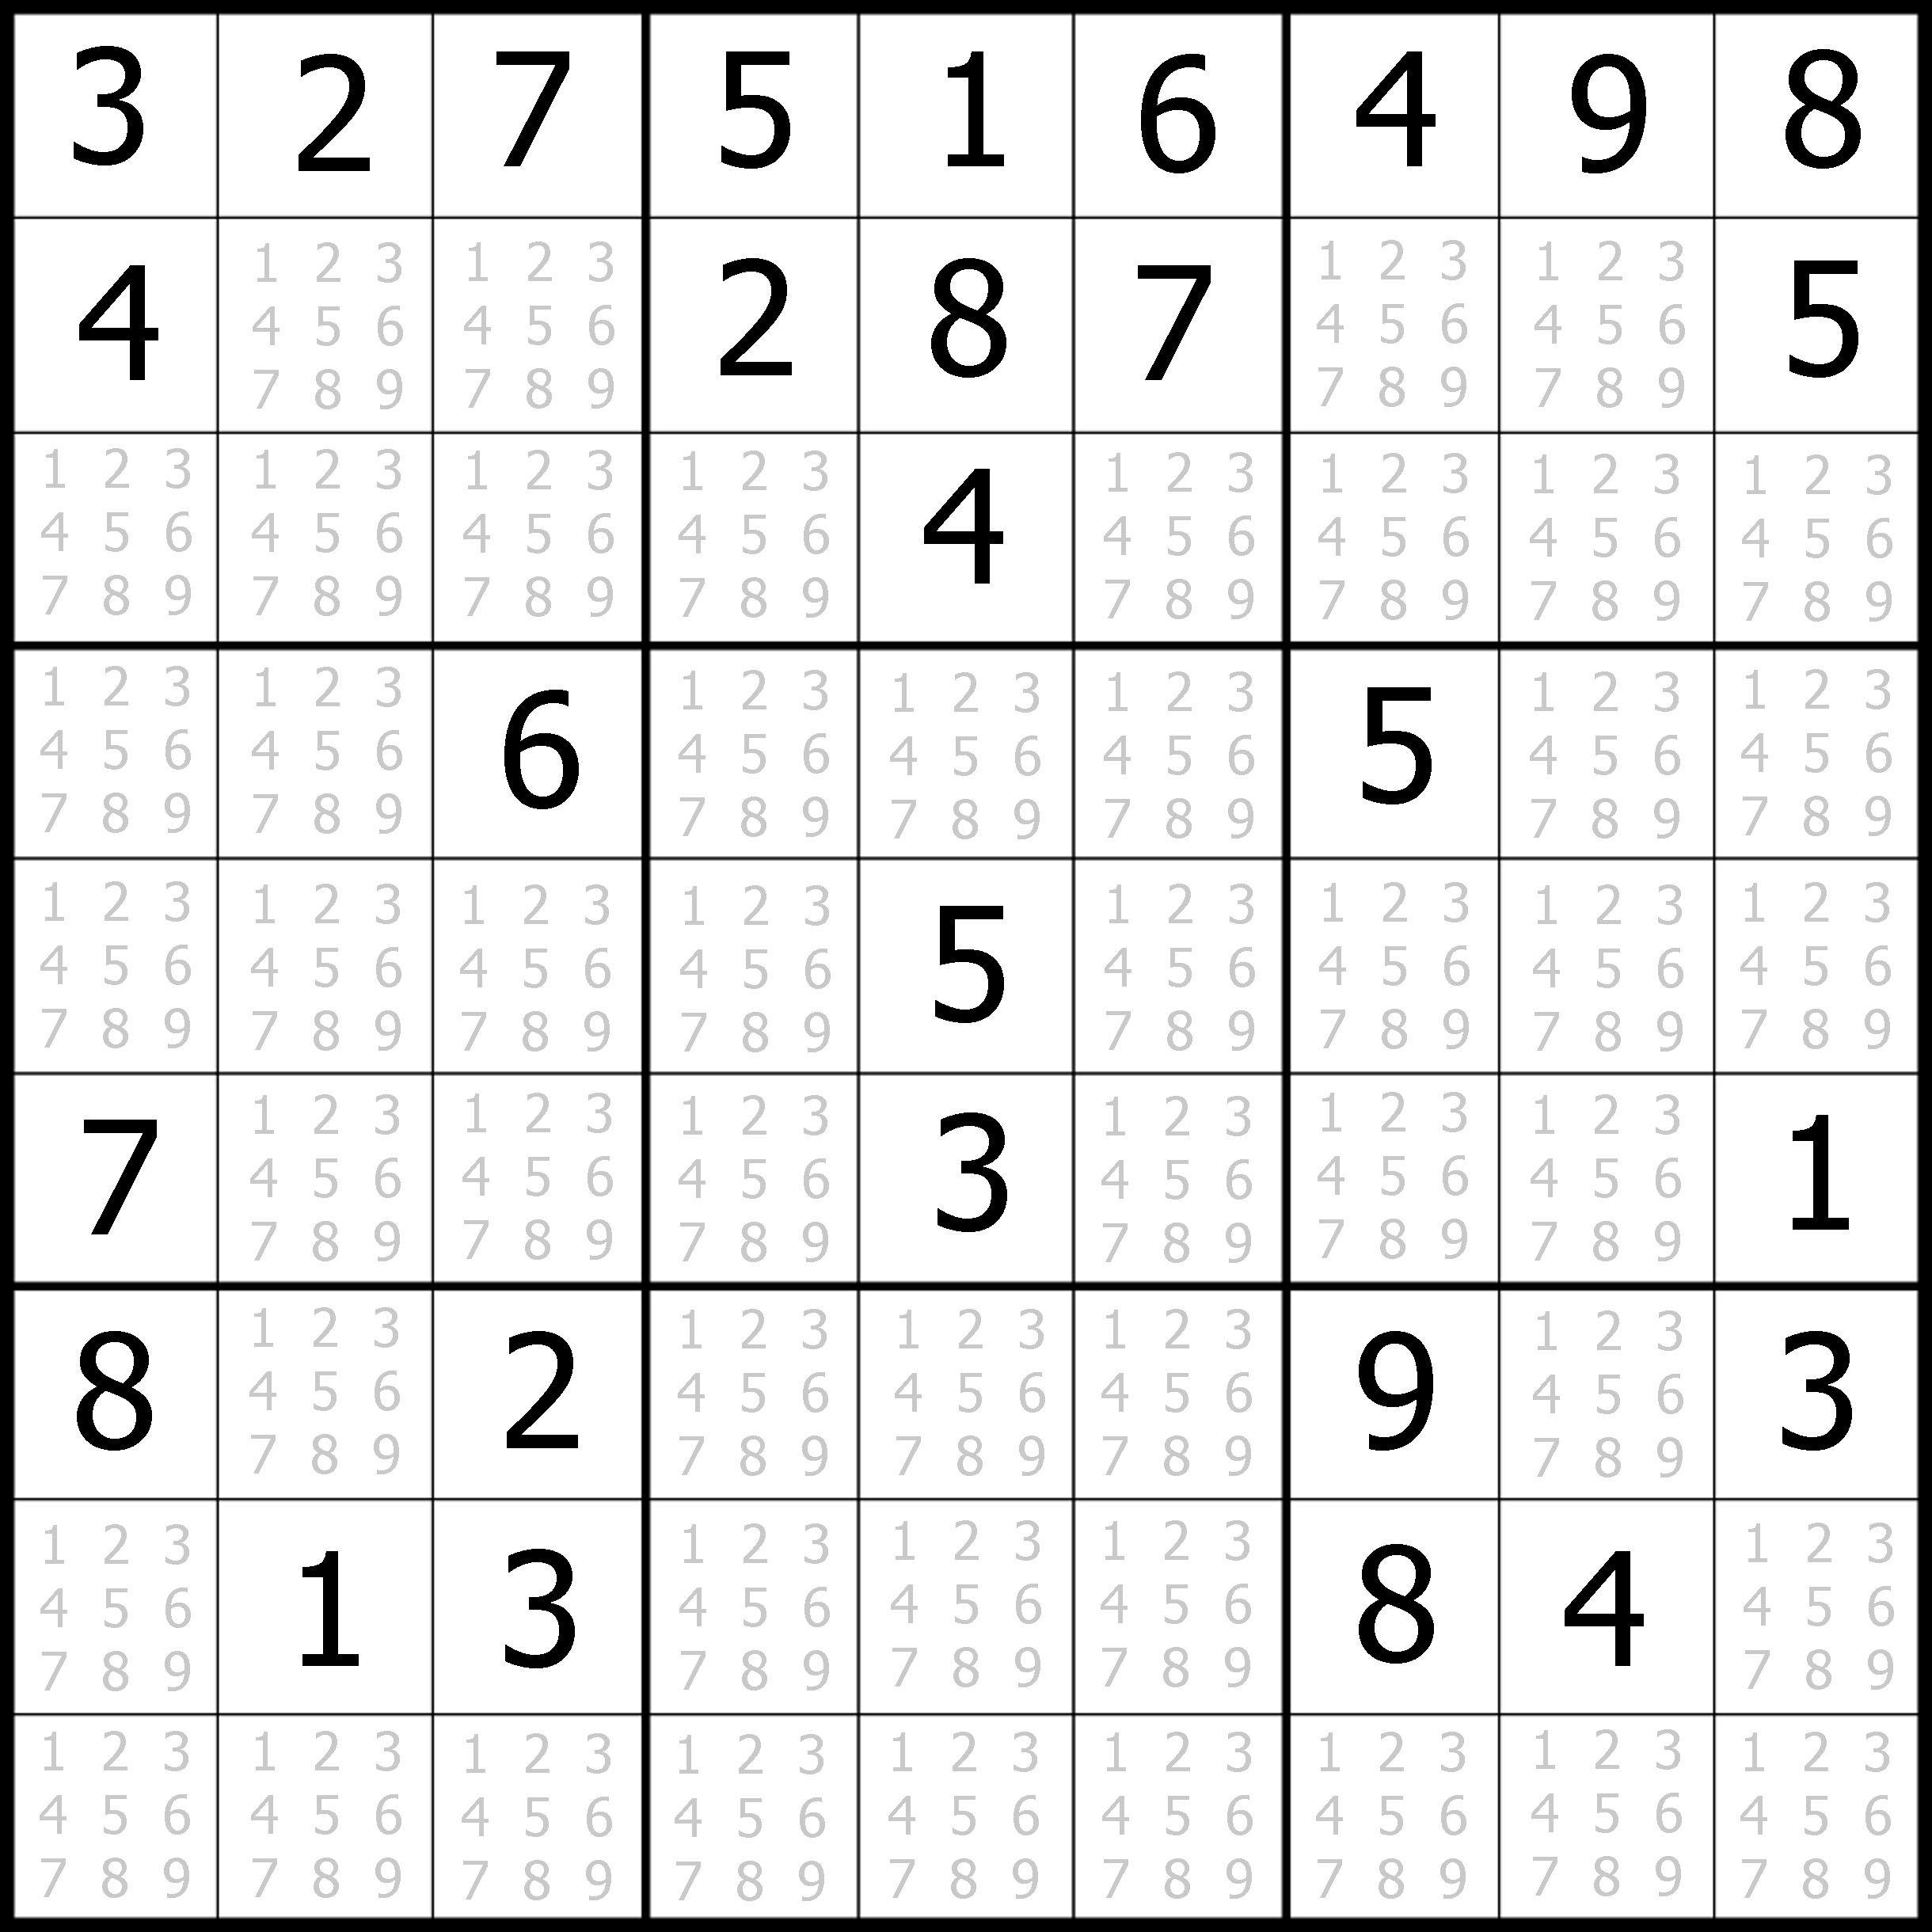 Sudoku Printable | Free, Medium, Printable Sudoku Puzzle #1 | My - Printable Sudoku Puzzles For Beginners